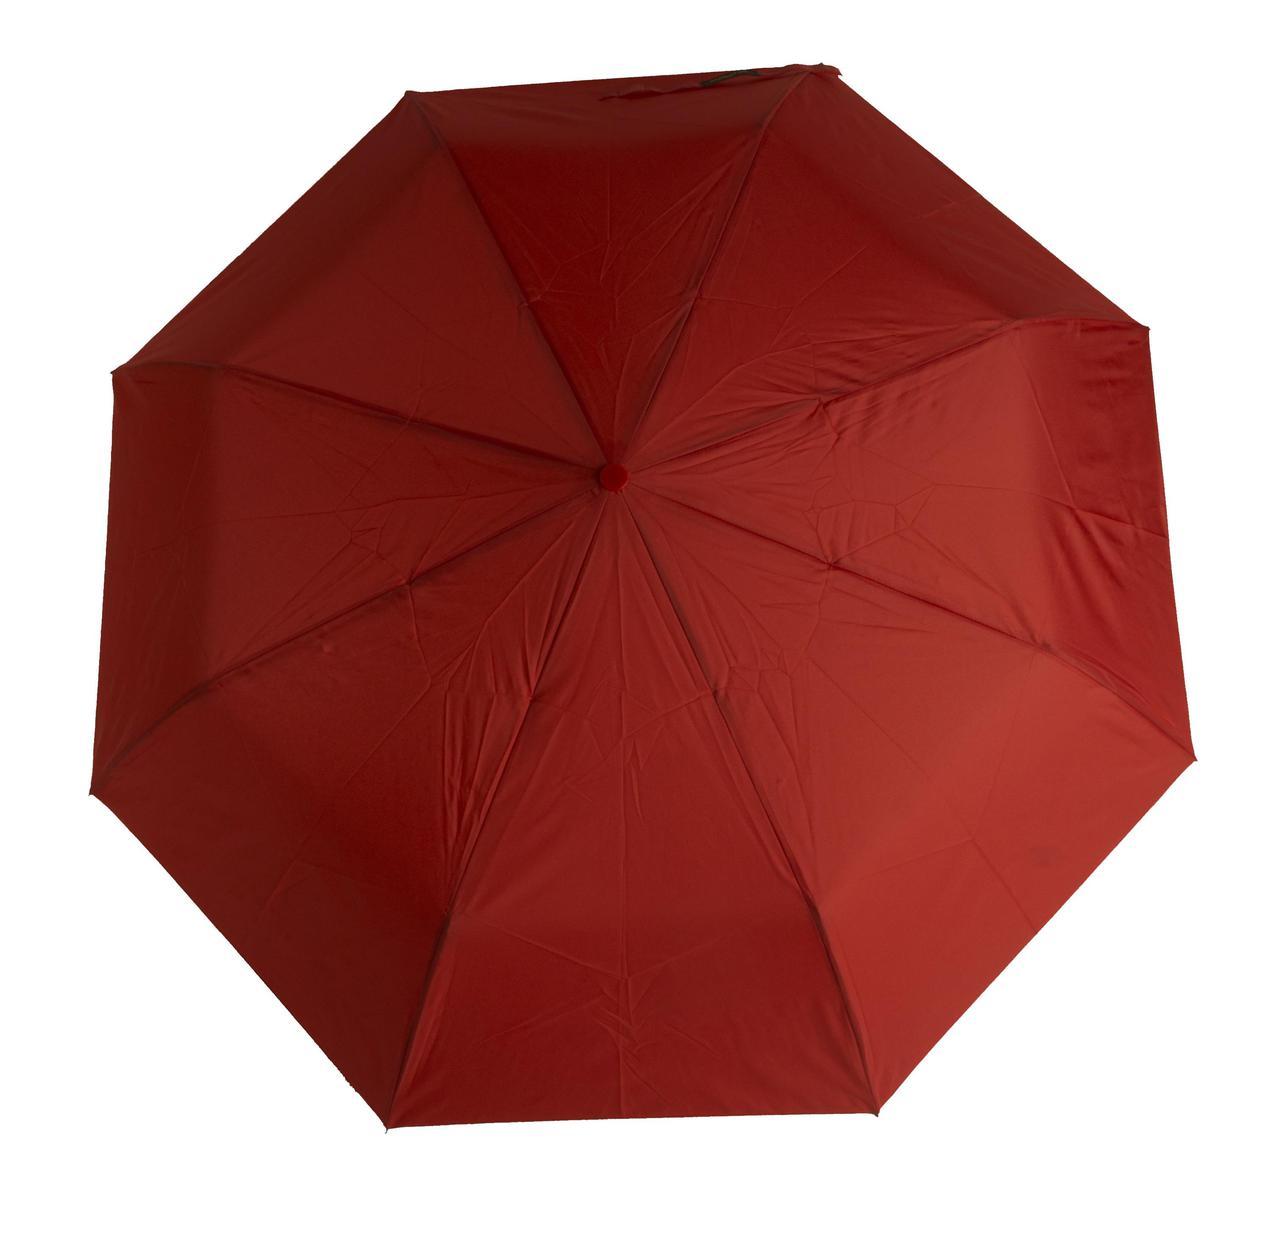 Женский симпатичный однотонный прочный зонтик автомат SUSINO art. 53002 красный (102895)